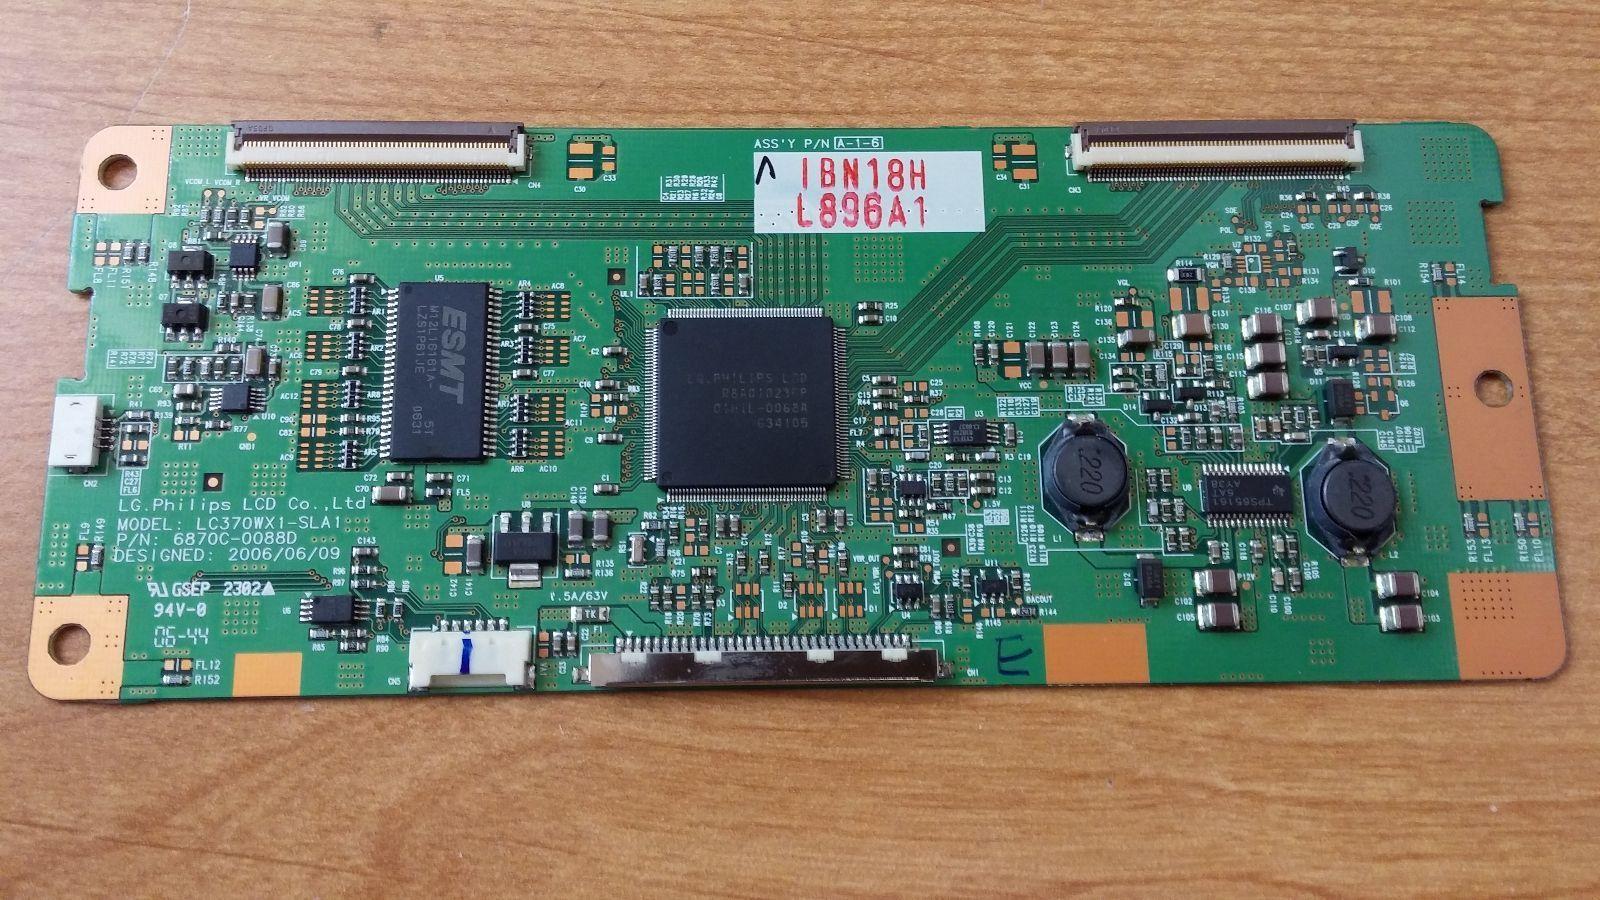 Phillips 6871L-0896A (6870C-0088D) T-Con Board - $34.65